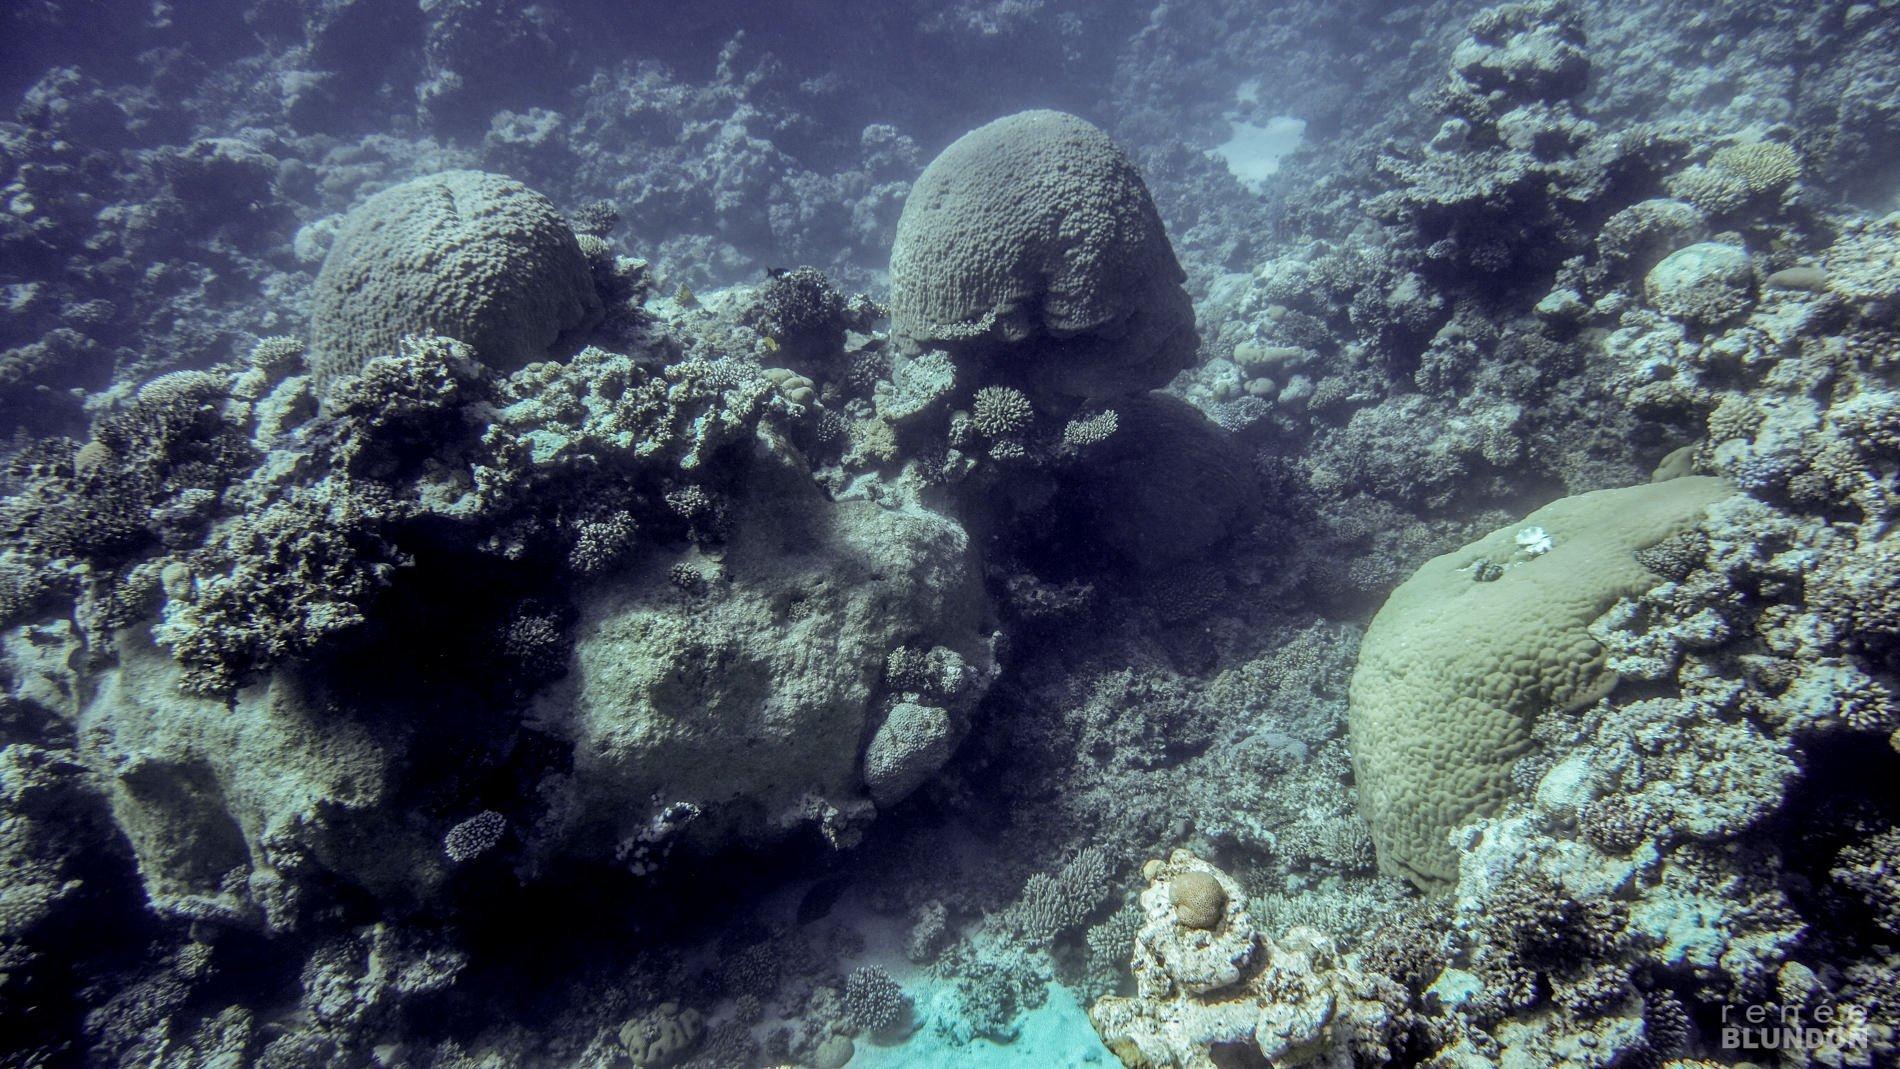 Ras Abu Galum Freediving Trip